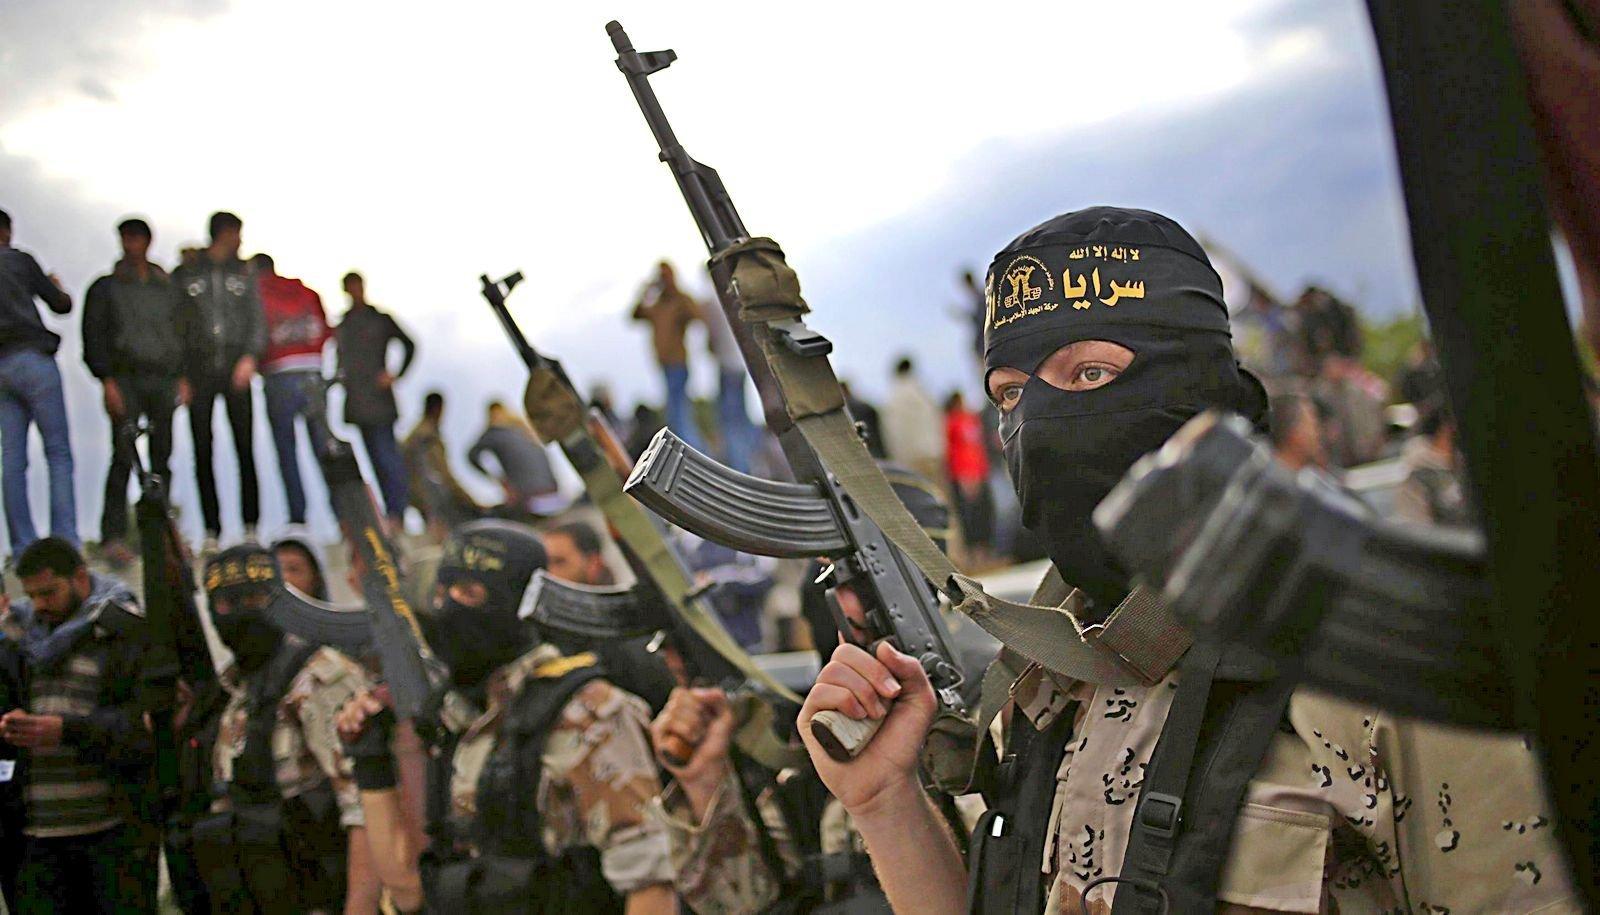 Иранский дипломат был намерен совершить терористические действия